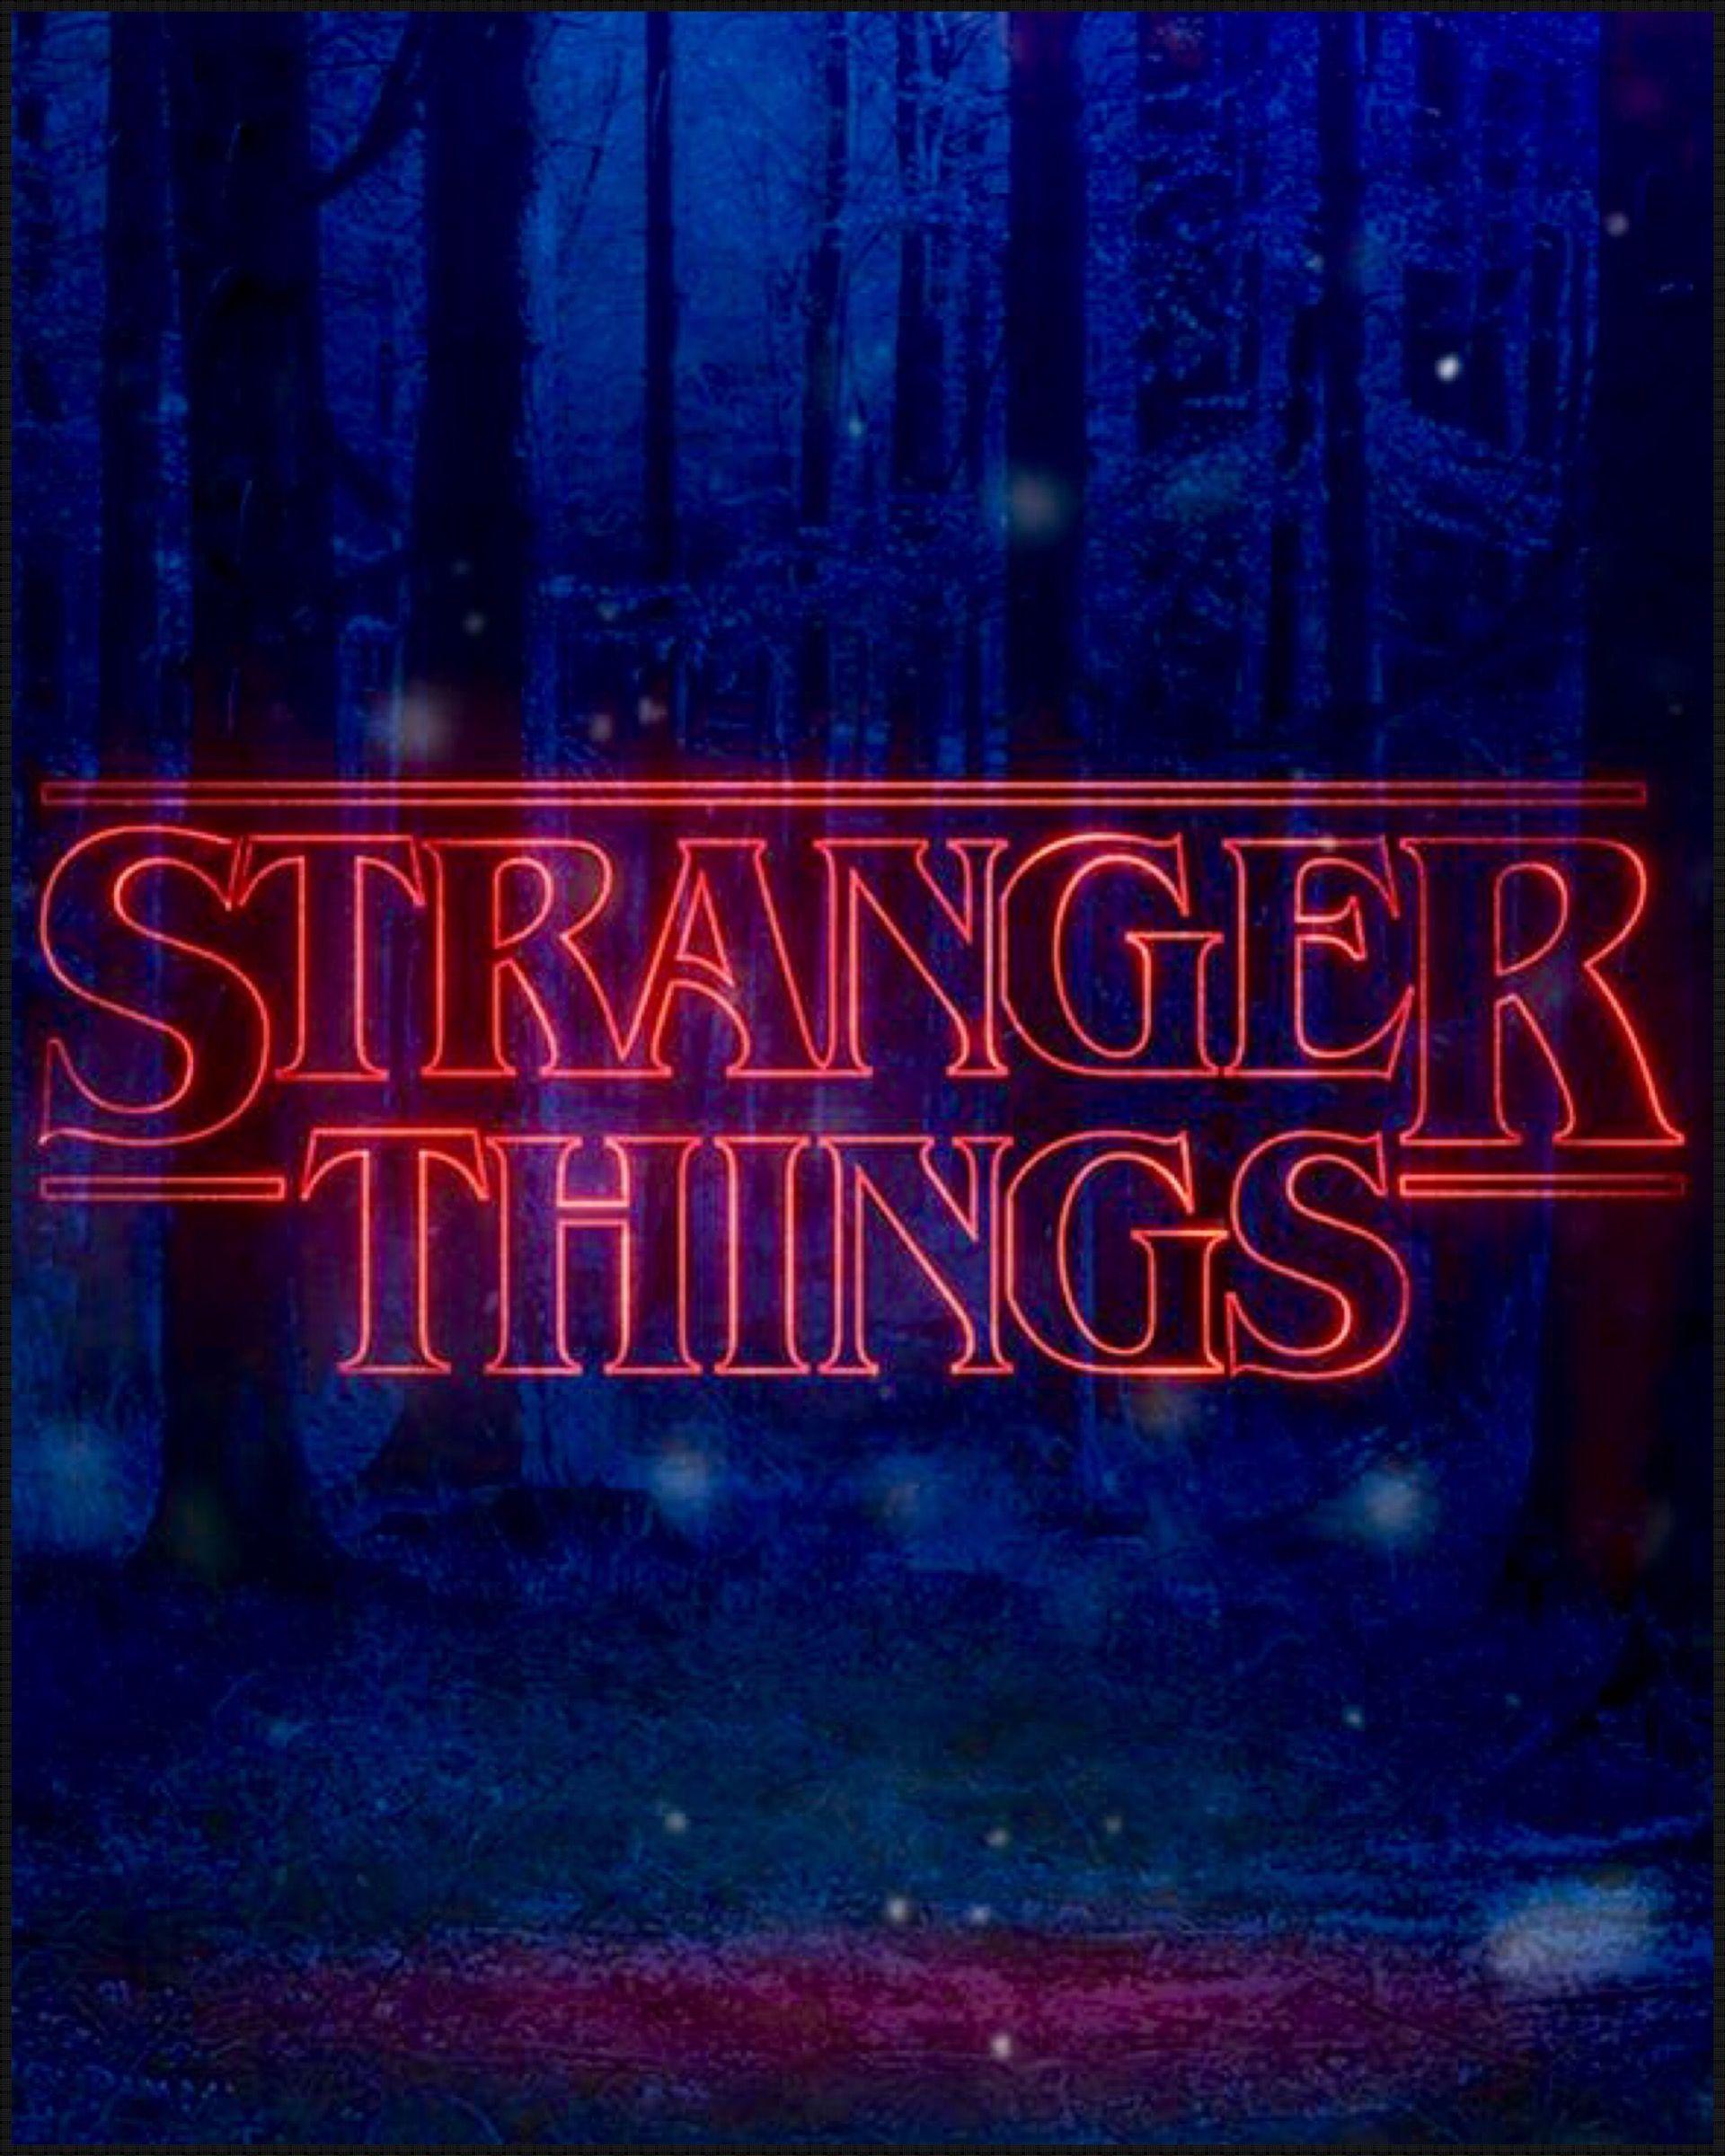 Stranger Things Stranger things wallpaper, Fondos de